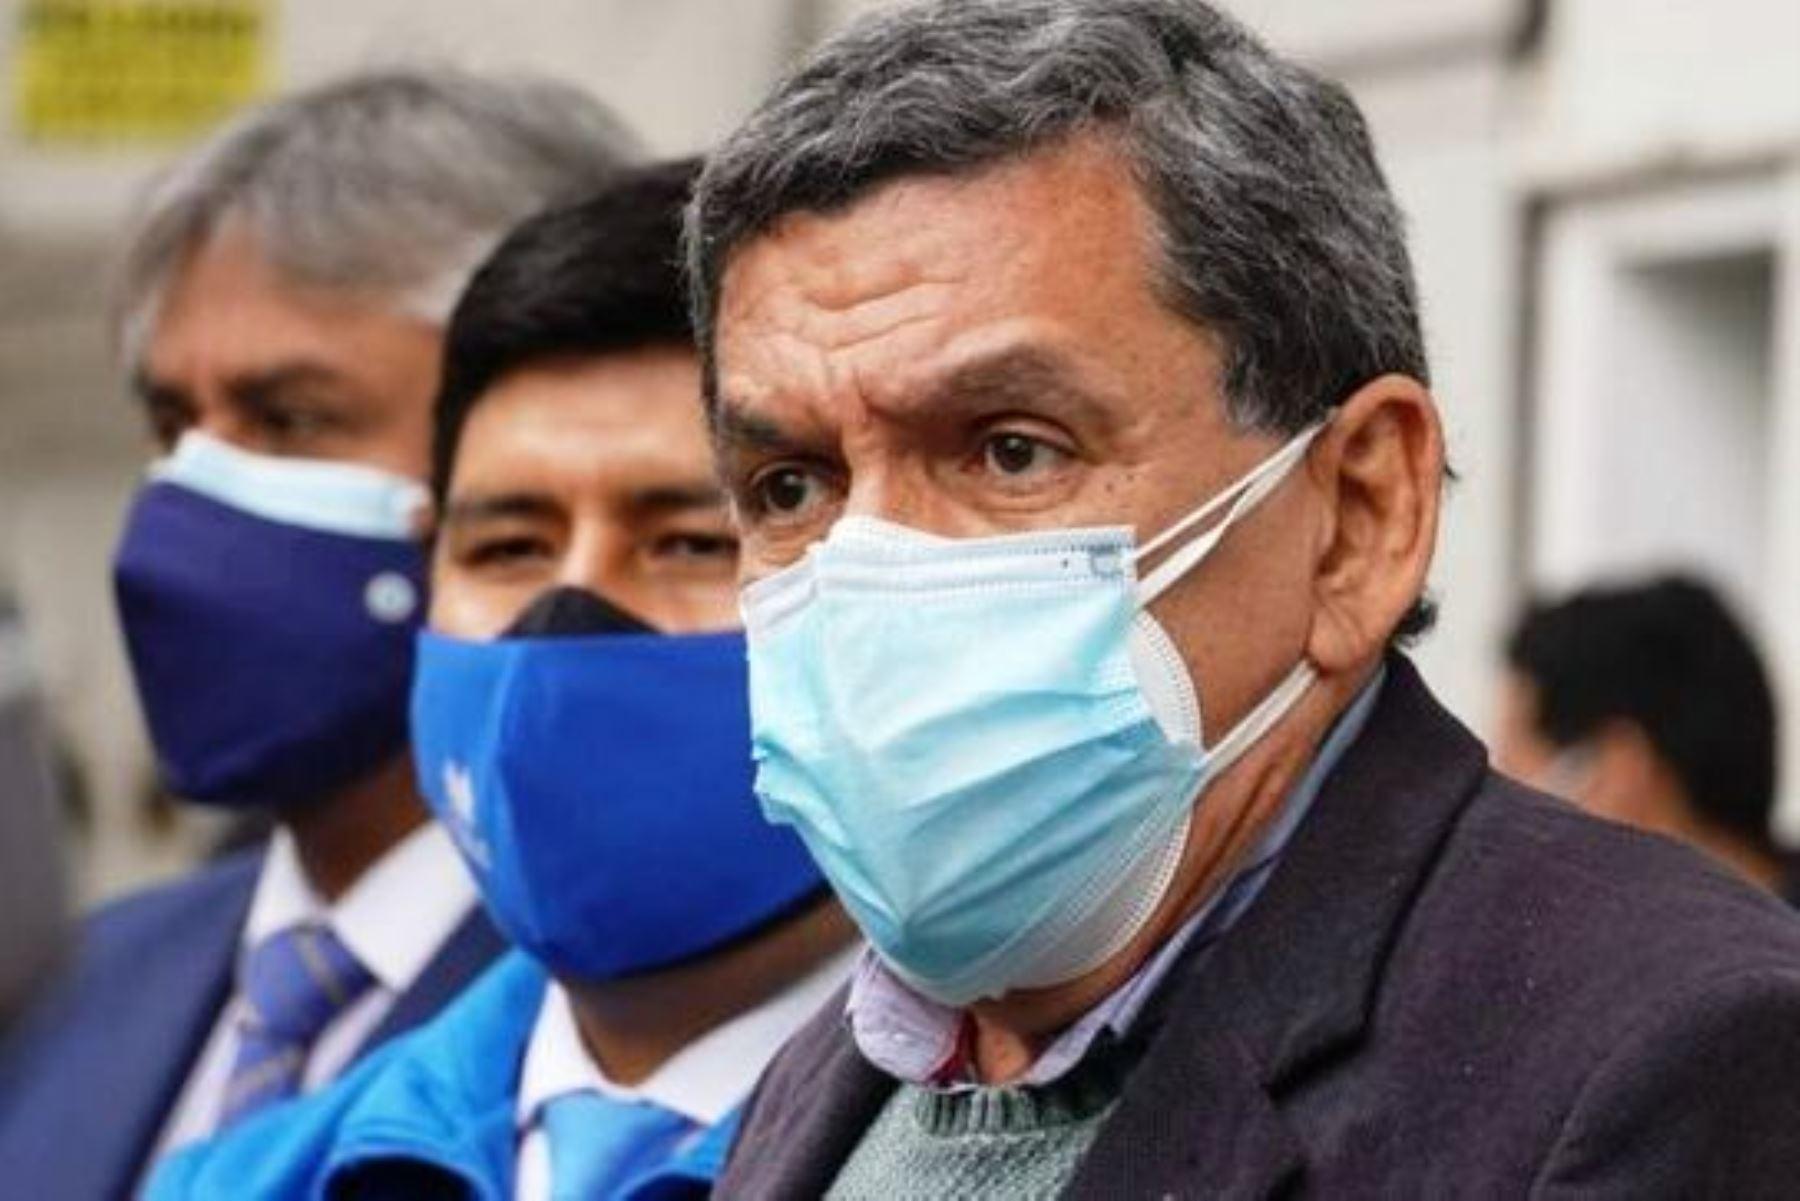 El ministro de Salud, Hernando Cevallos, declara a la prensa tras supervisar la llegada de las dosis de la vacuna de Sinopharm a la sede del Cenares. Foto: ANDINA/Difusión.